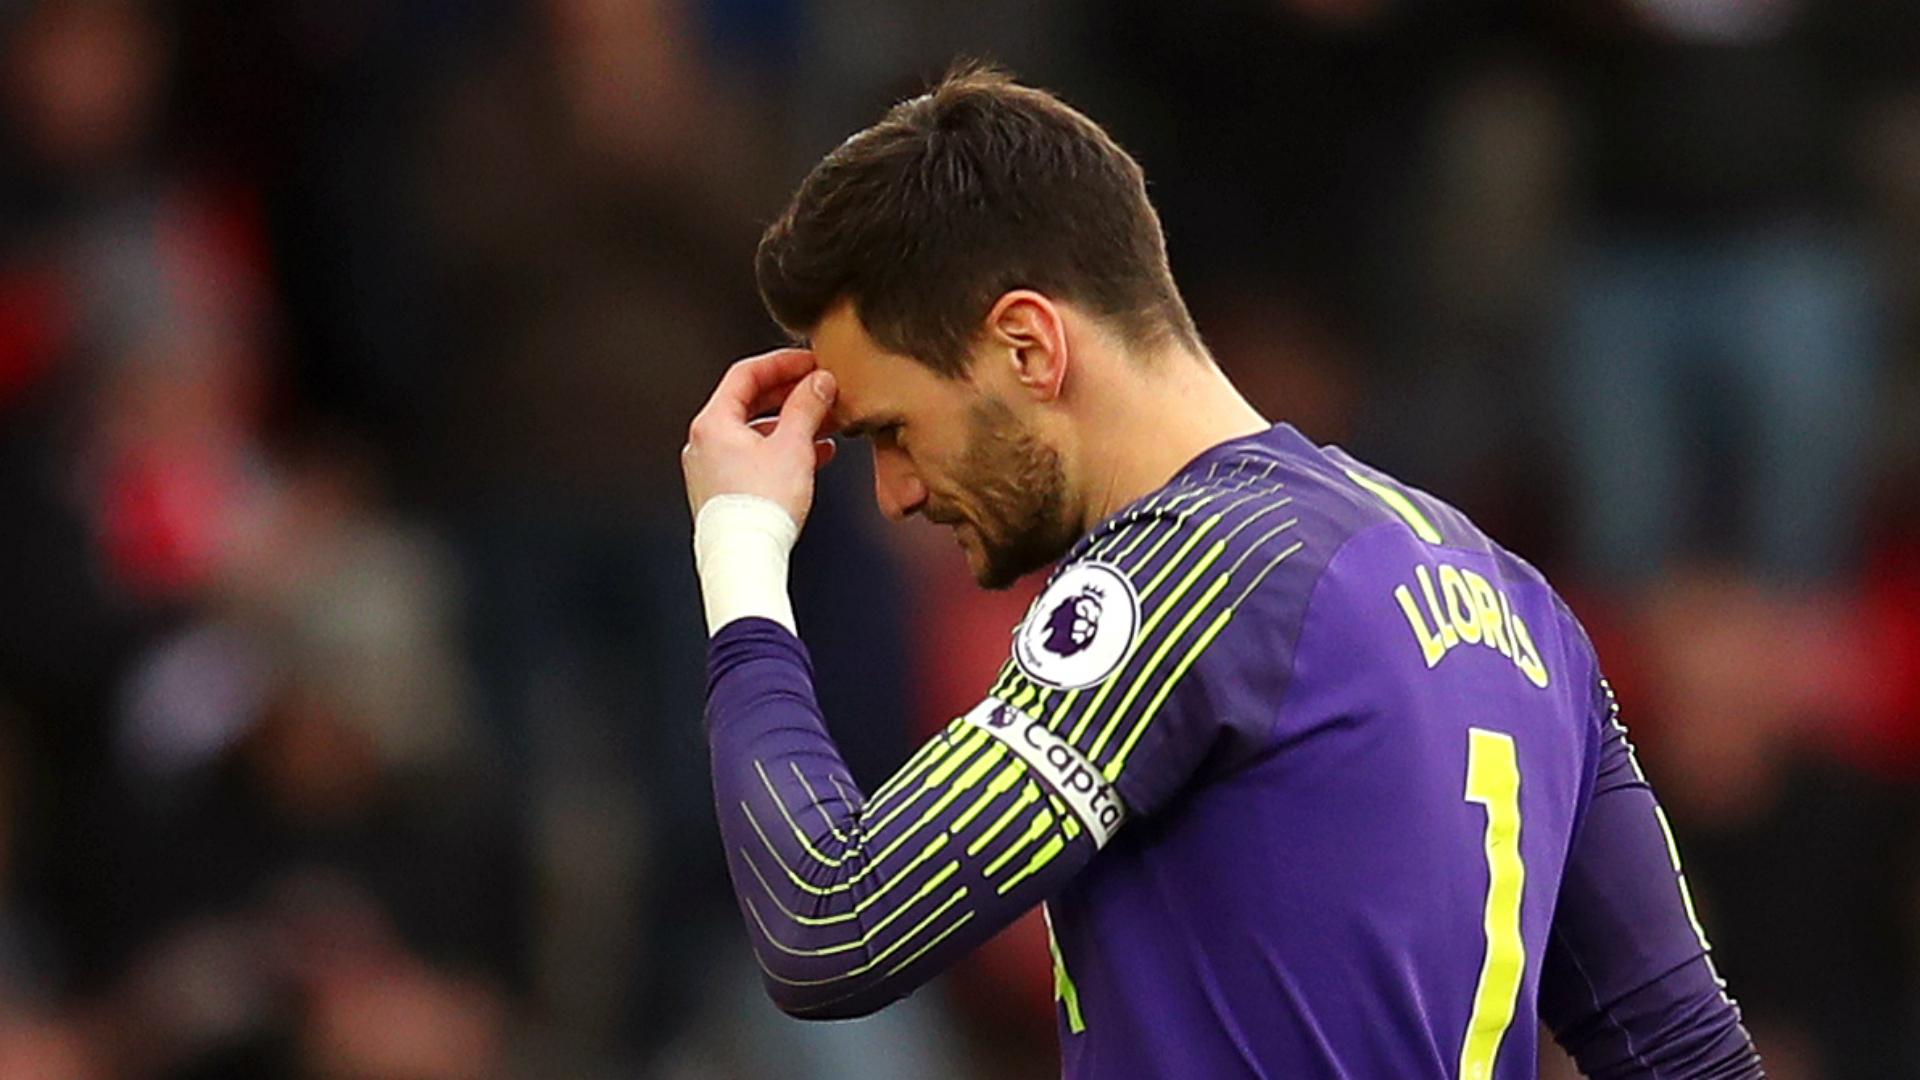 Liverpool v Tottenham Hotspur Match Report, 31/03/2019